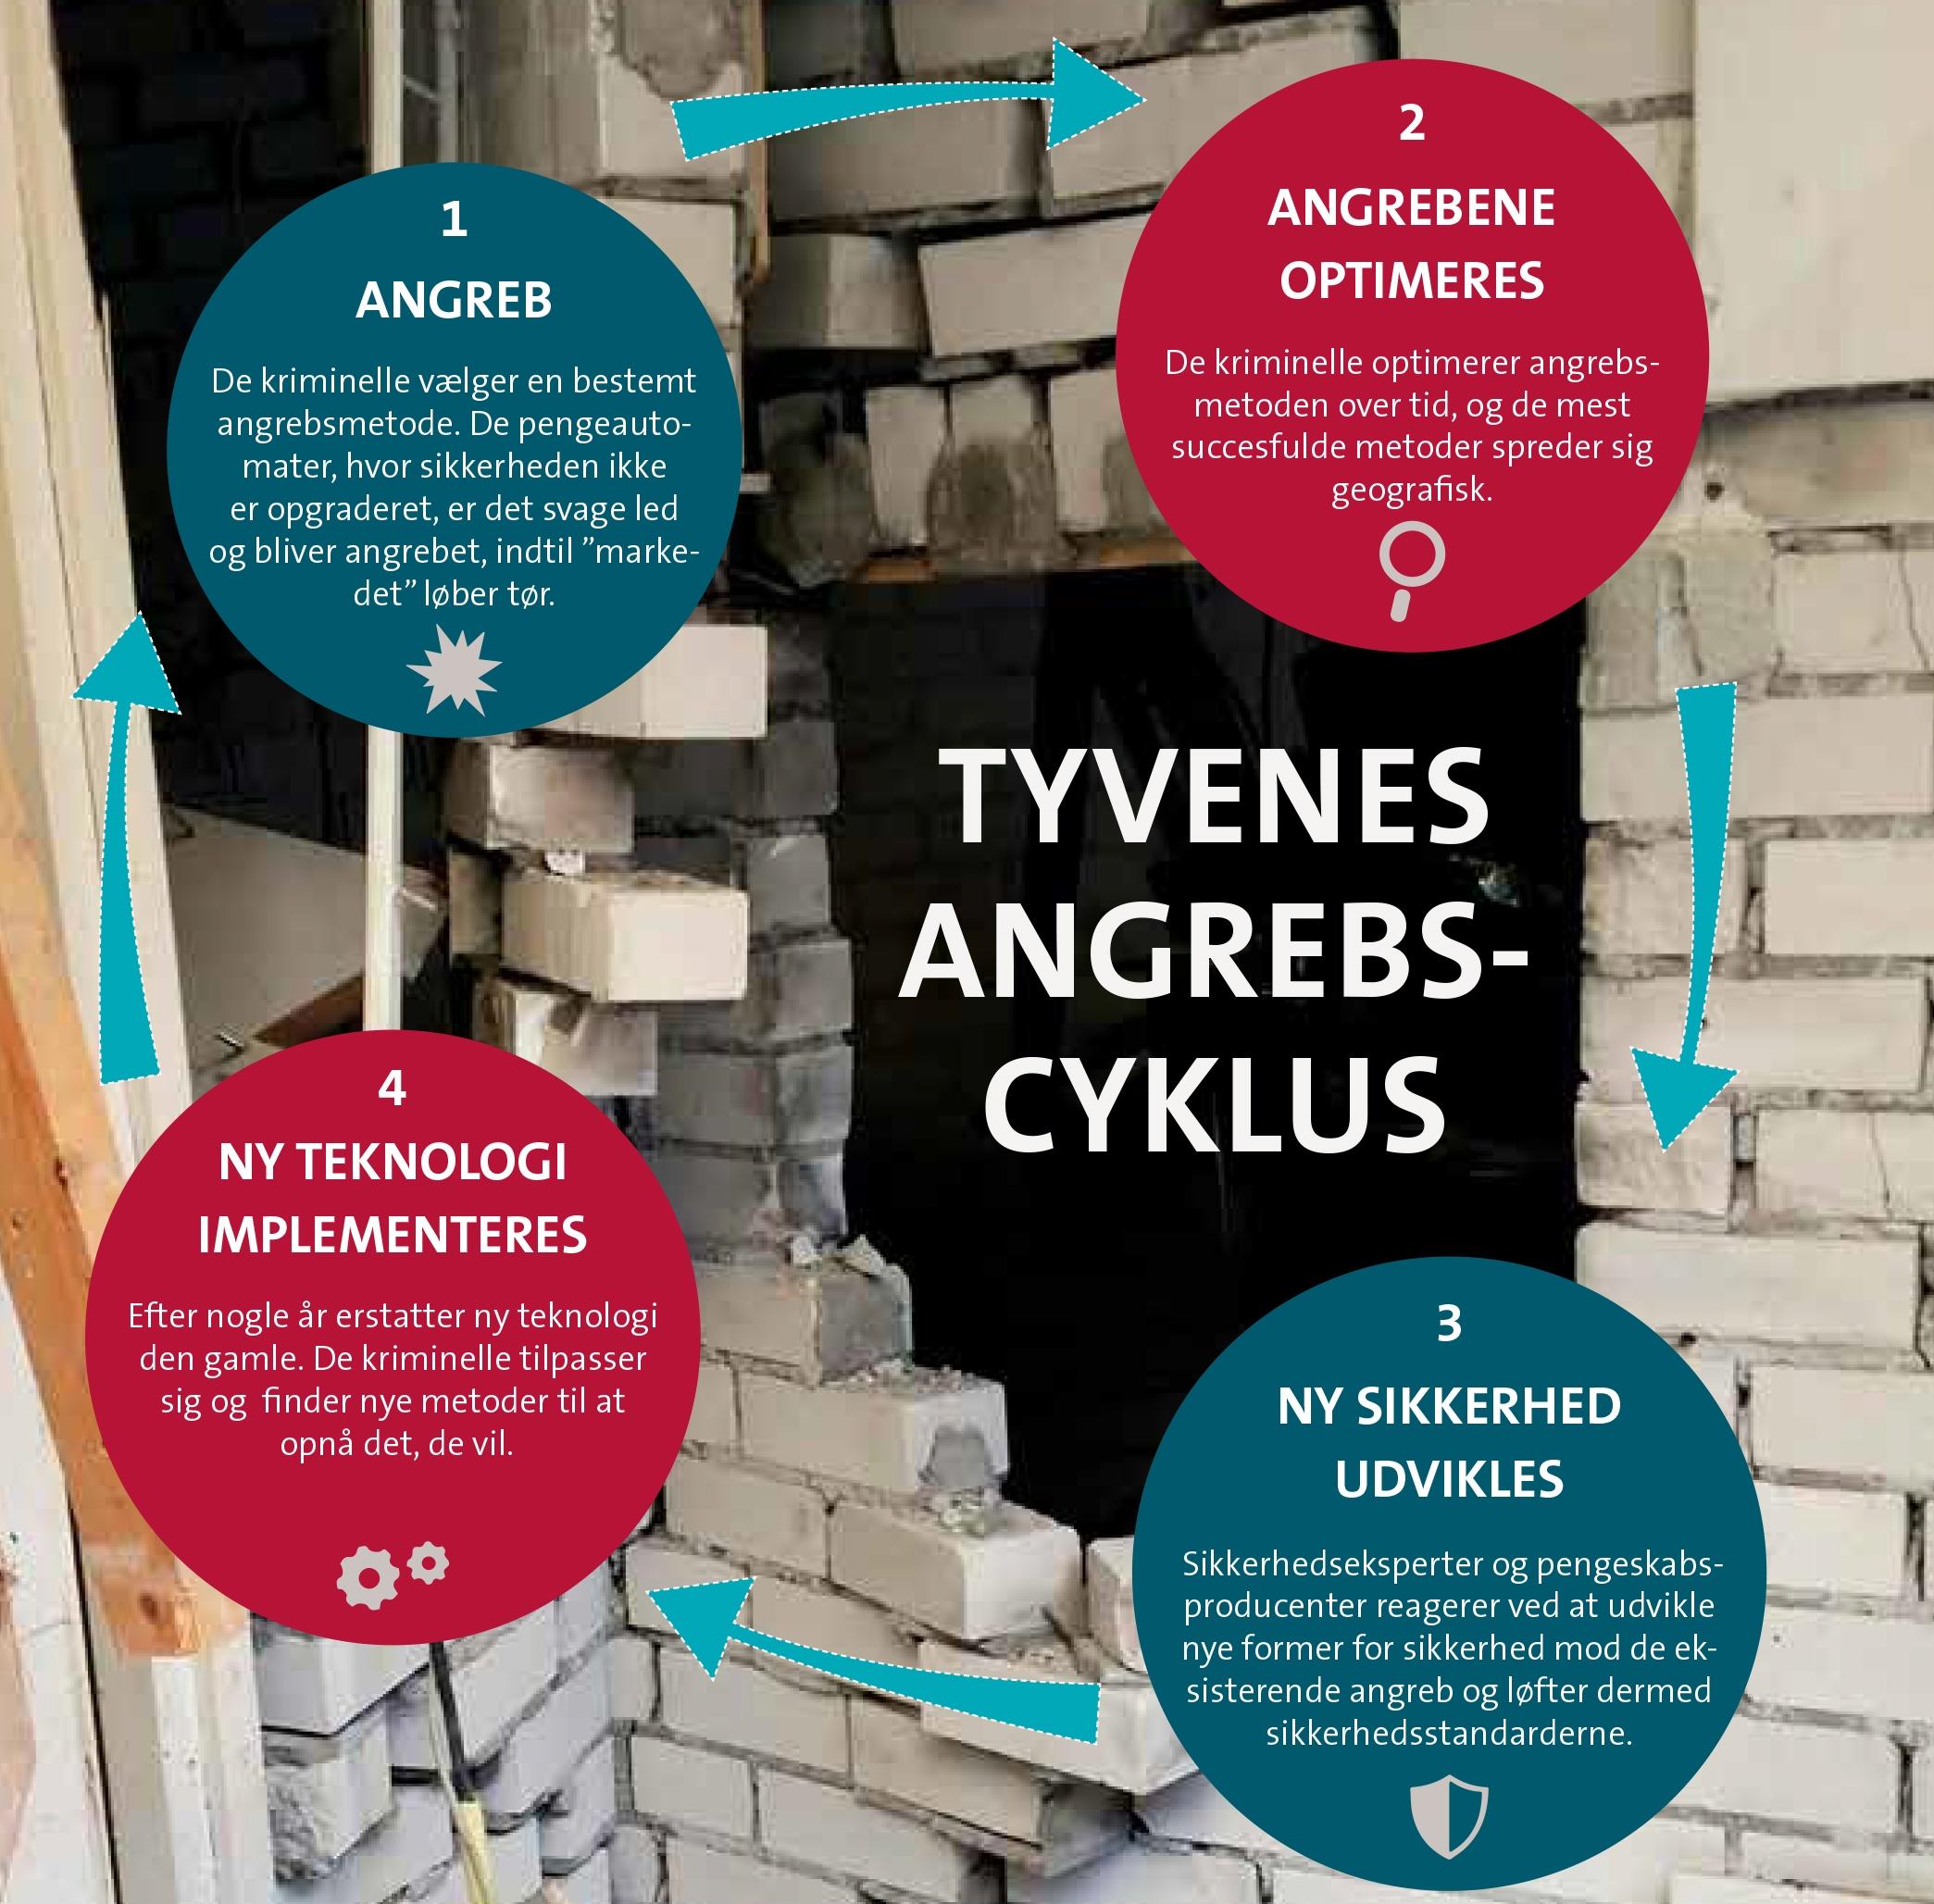 Tyvenes-angrebs-cyklus.jpg